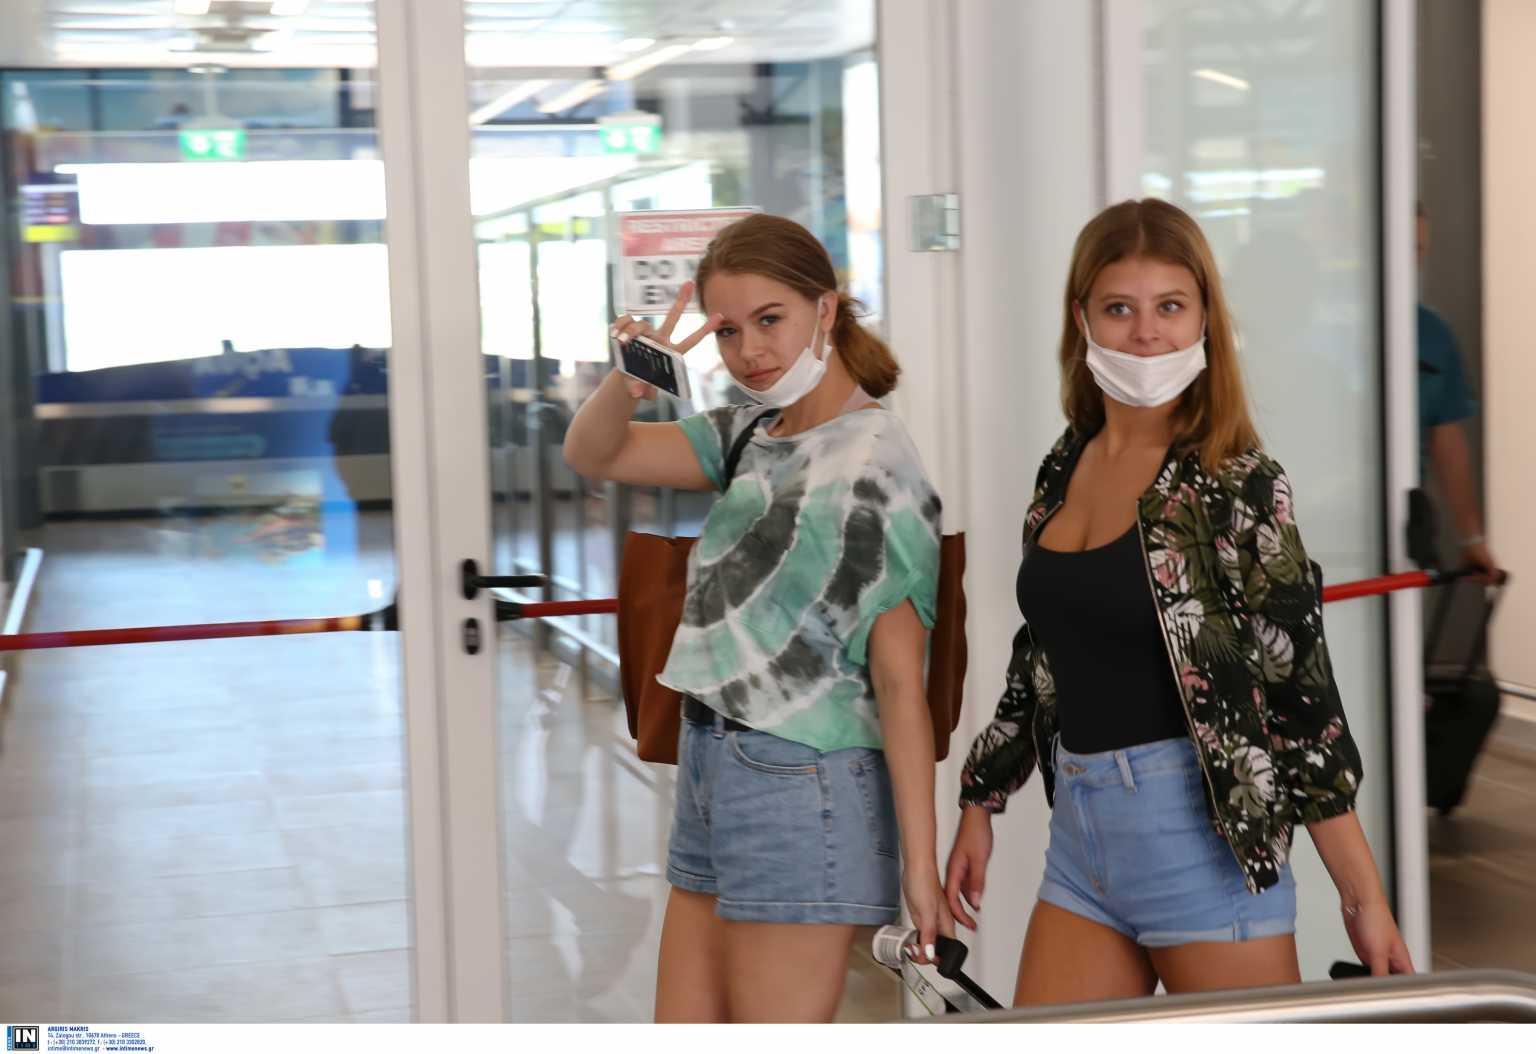 Κορονοϊός: Έτσι θα έρθουν οι πρώτοι τουρίστες από το Ισραήλ – Τι θα πρέπει να έχουν μαζί τους